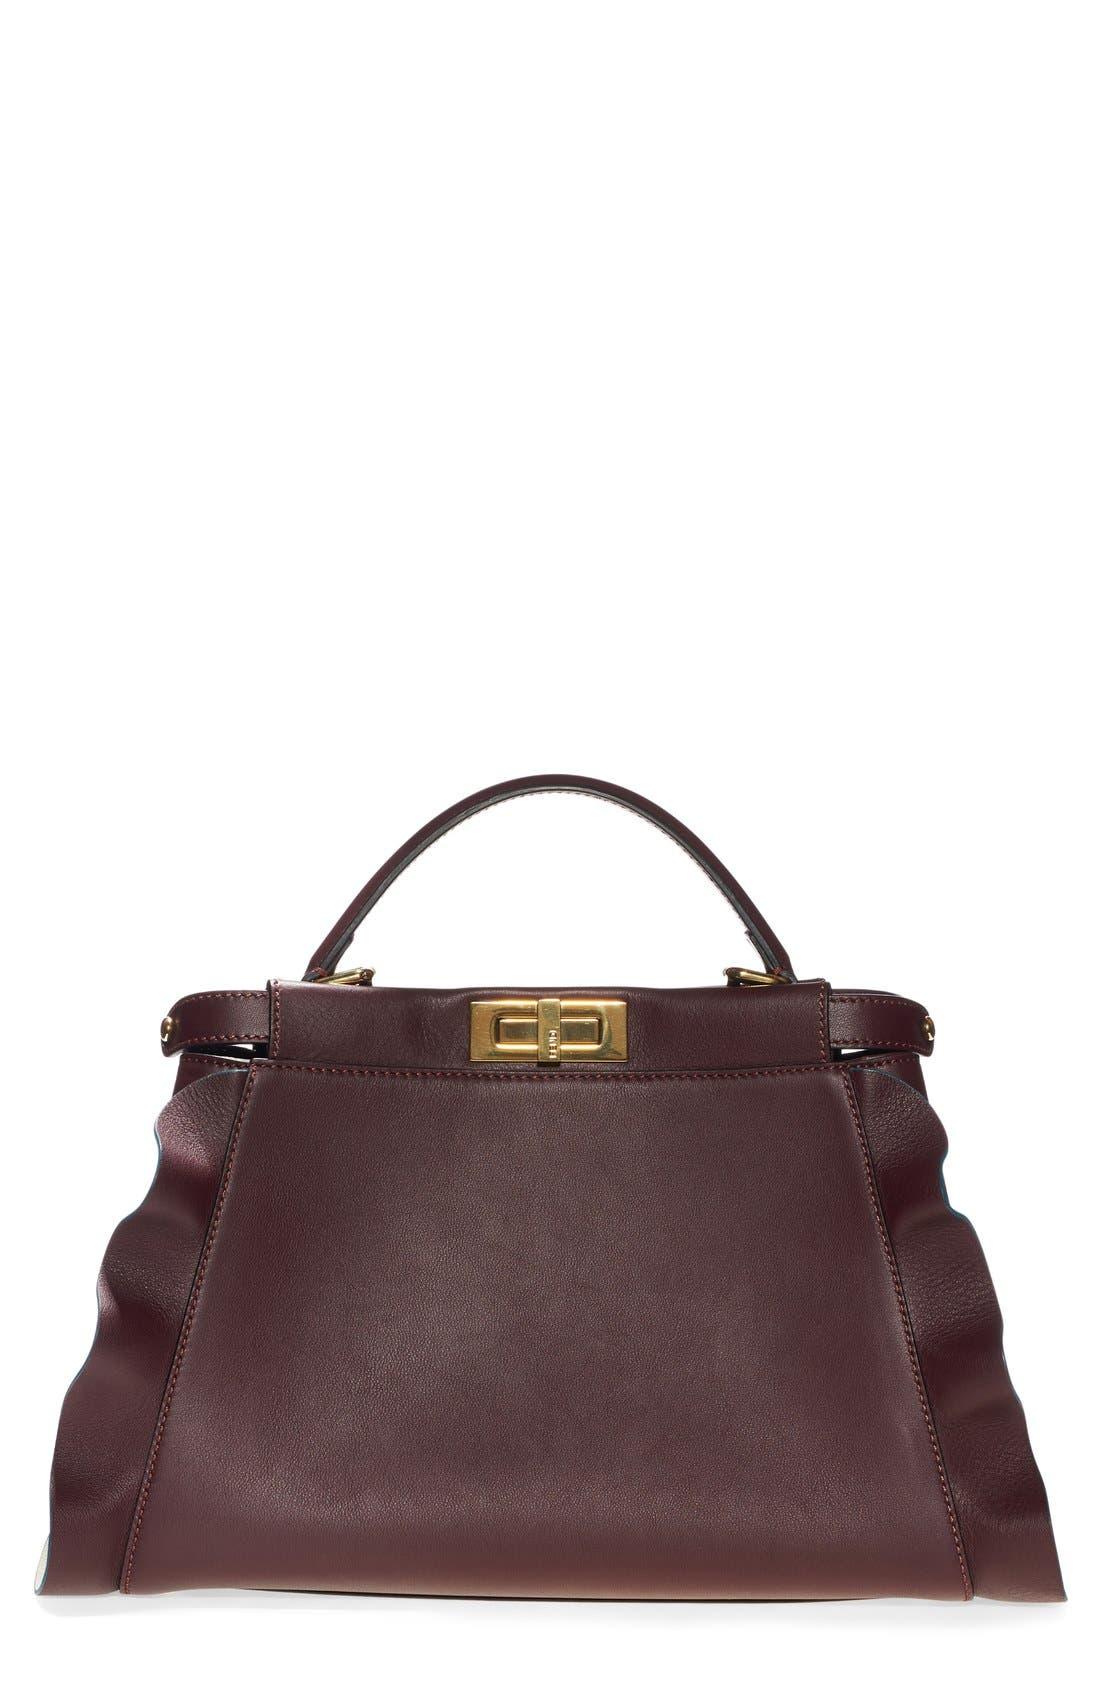 Fendi 'Medium Peekaboo - Wave' Leather Bag